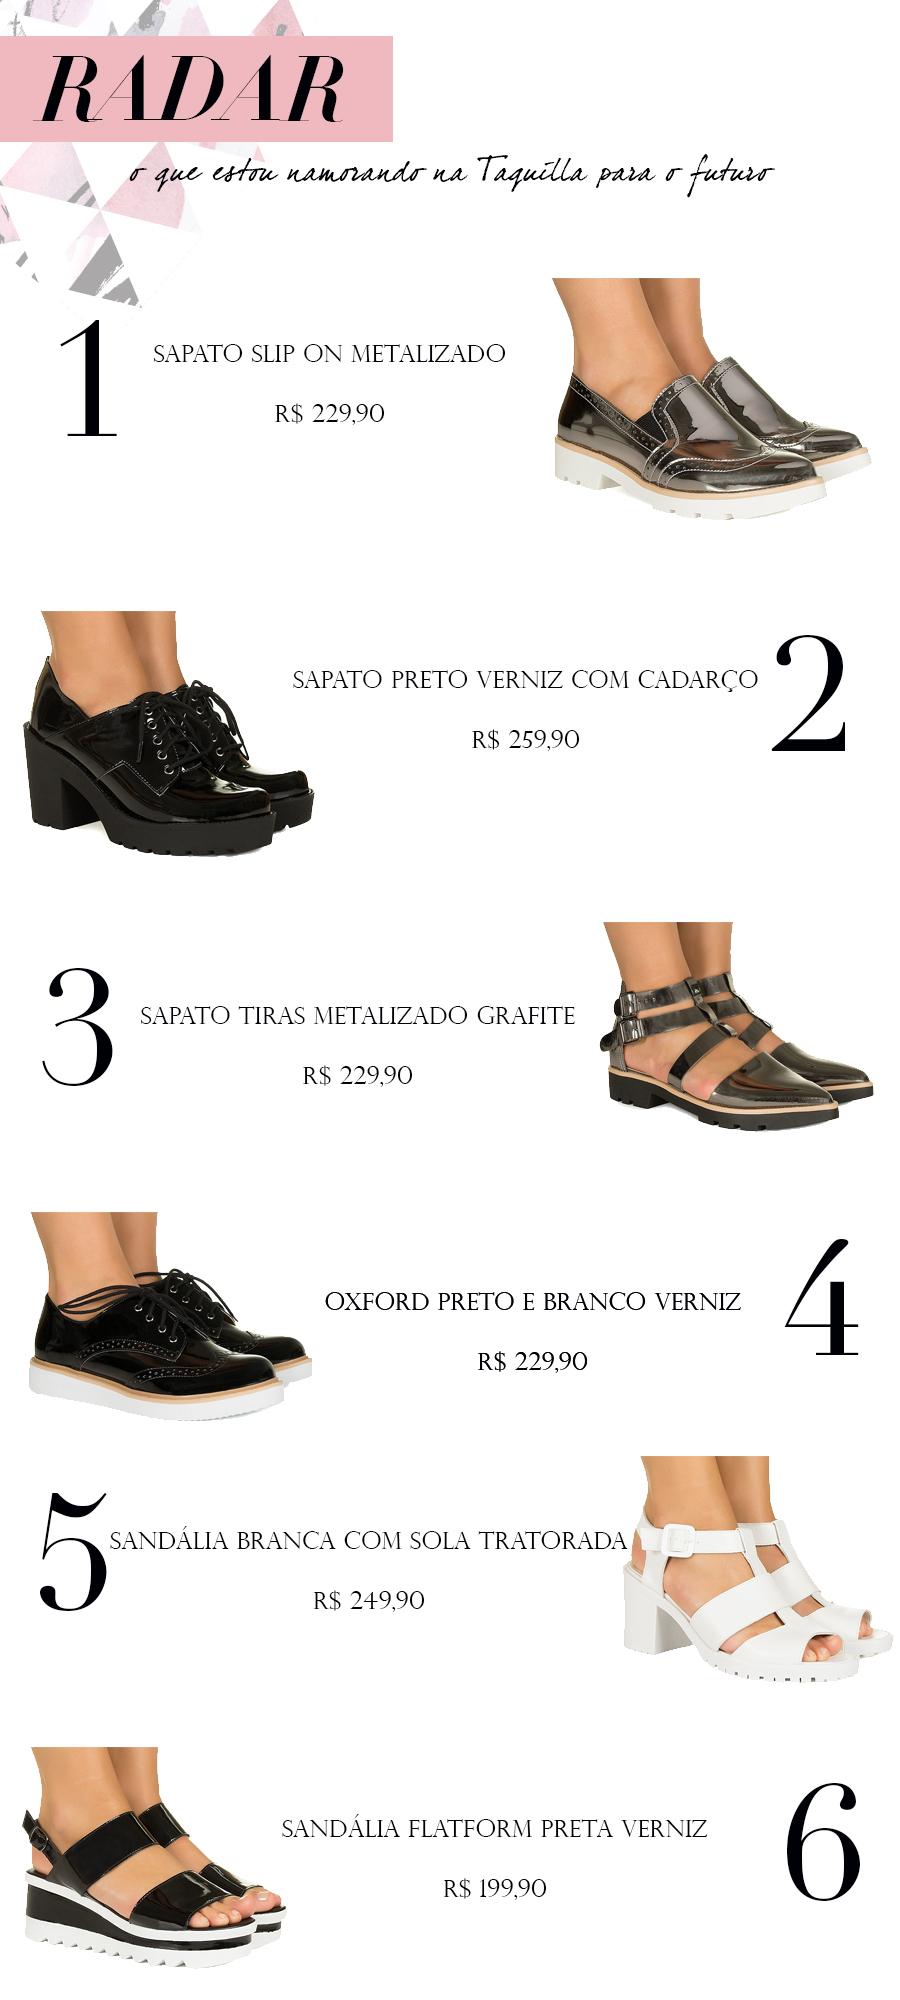 taquilla calçados - grandes mulheres